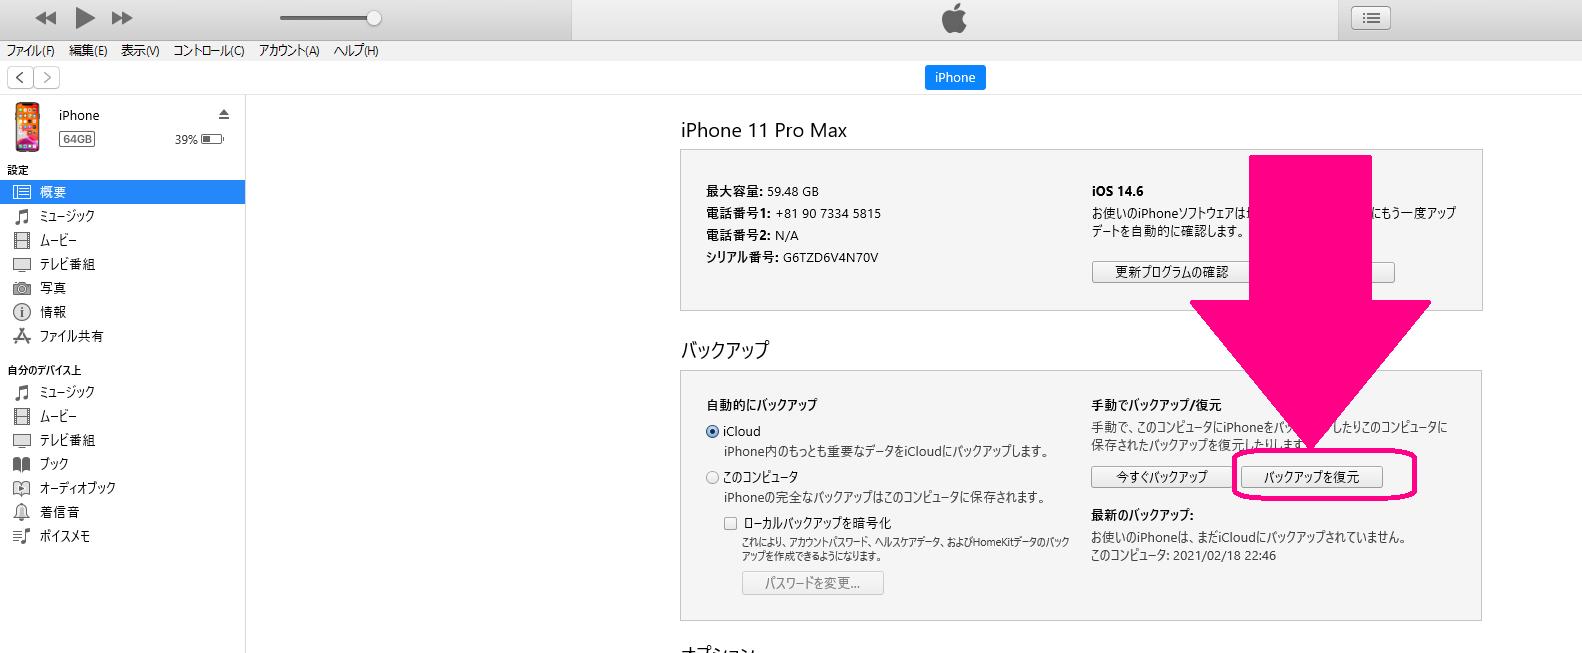 iphone復元